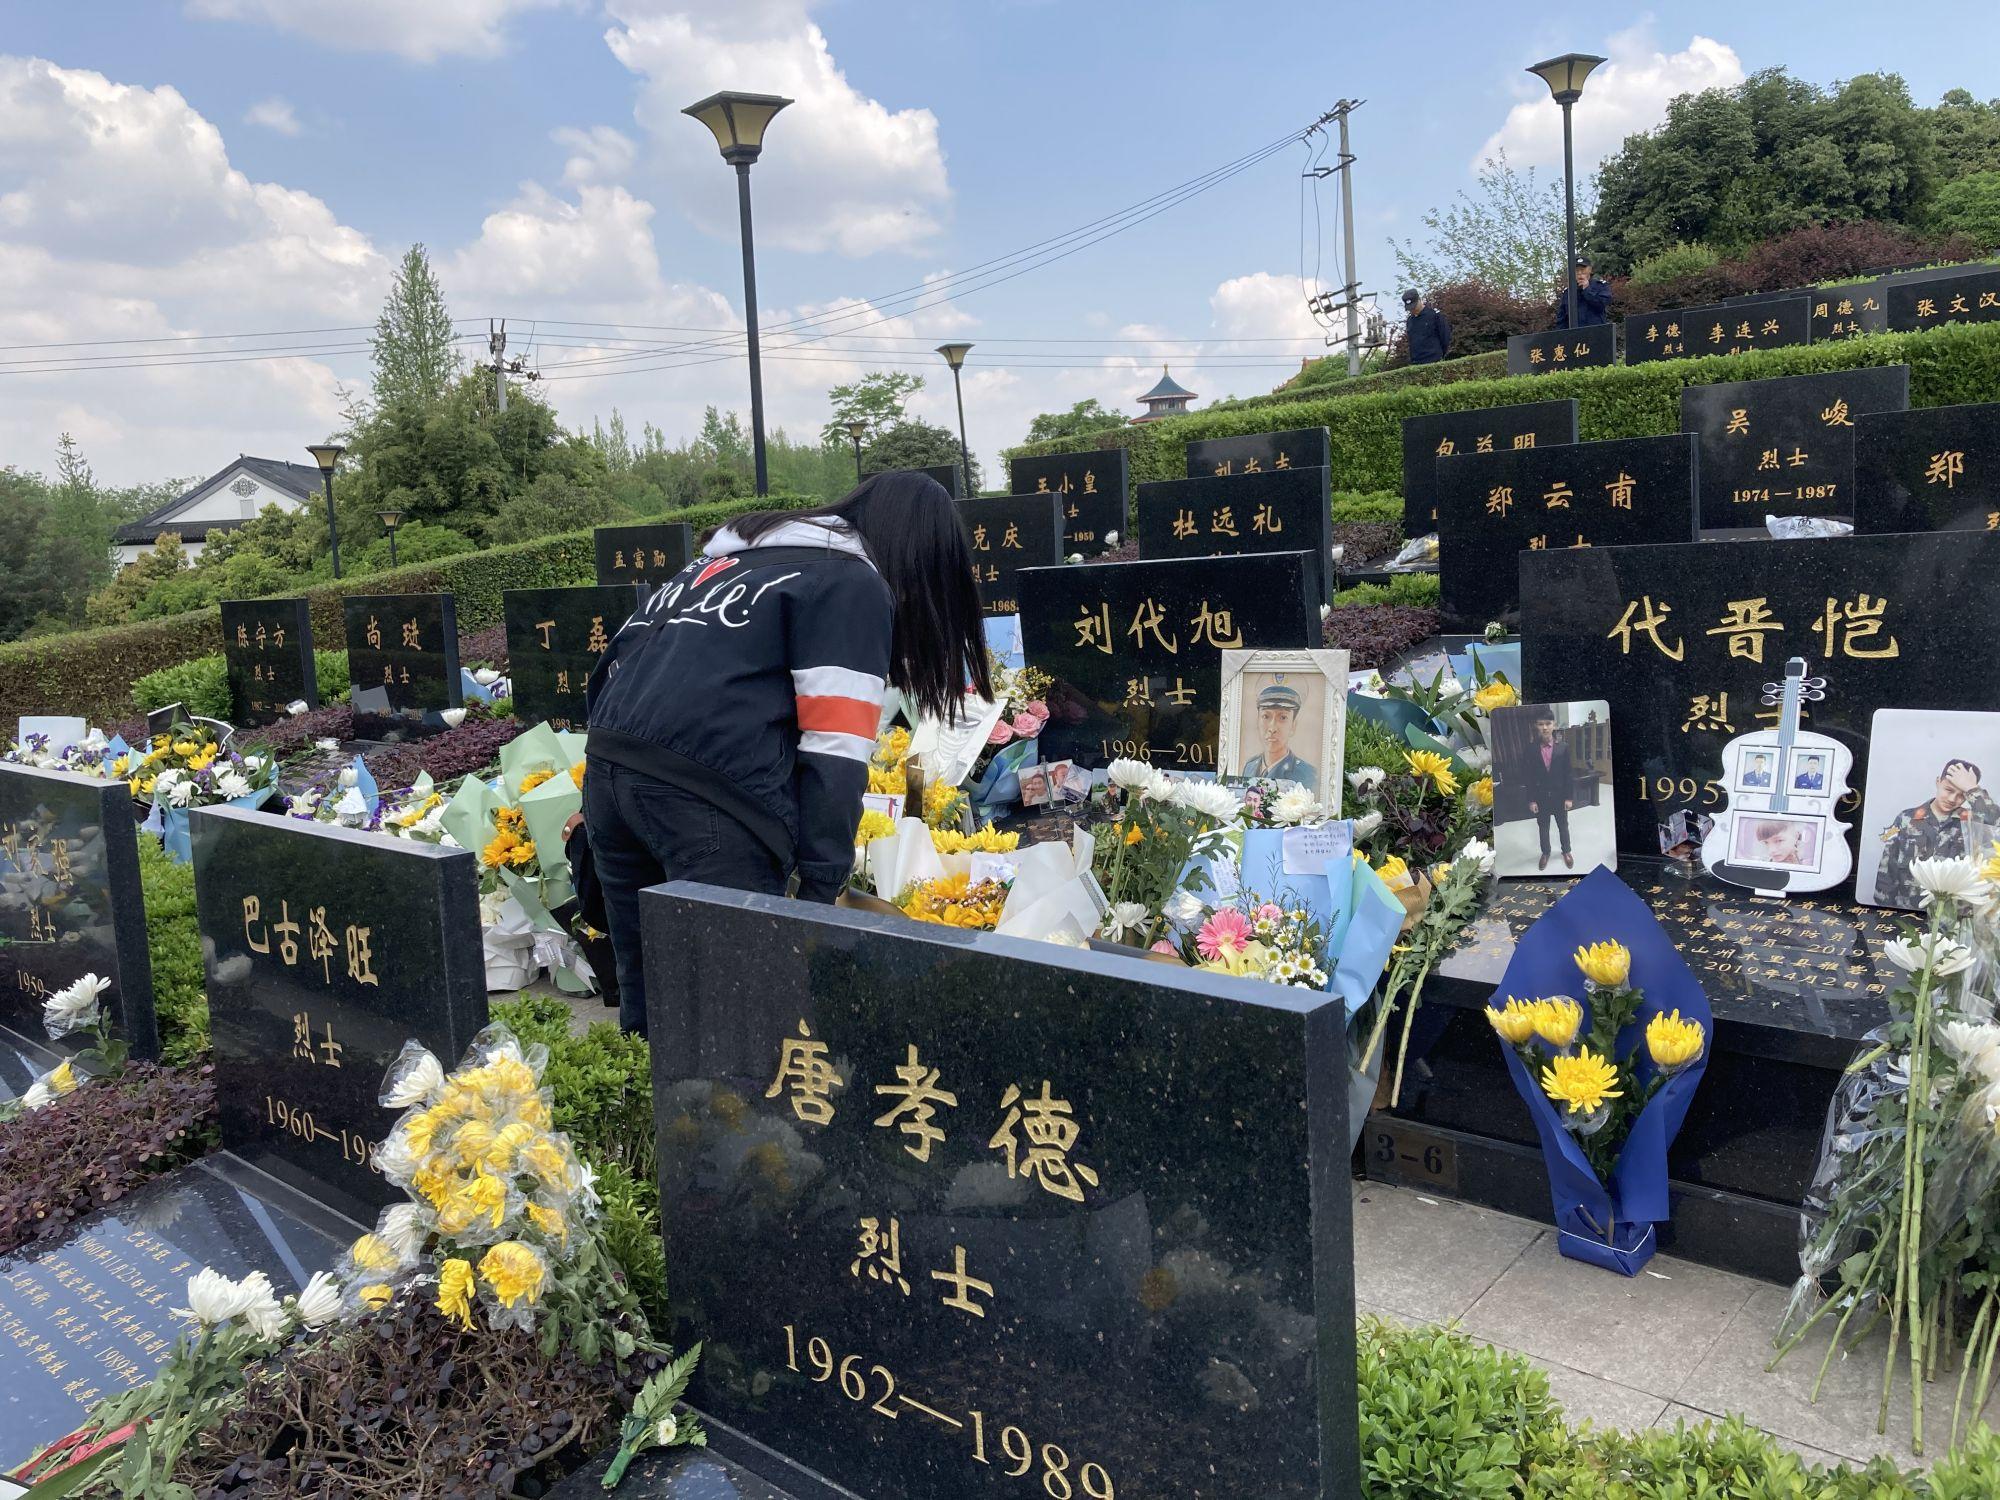 成都市民自发前往成都烈士陵园祭奠英烈忠魂